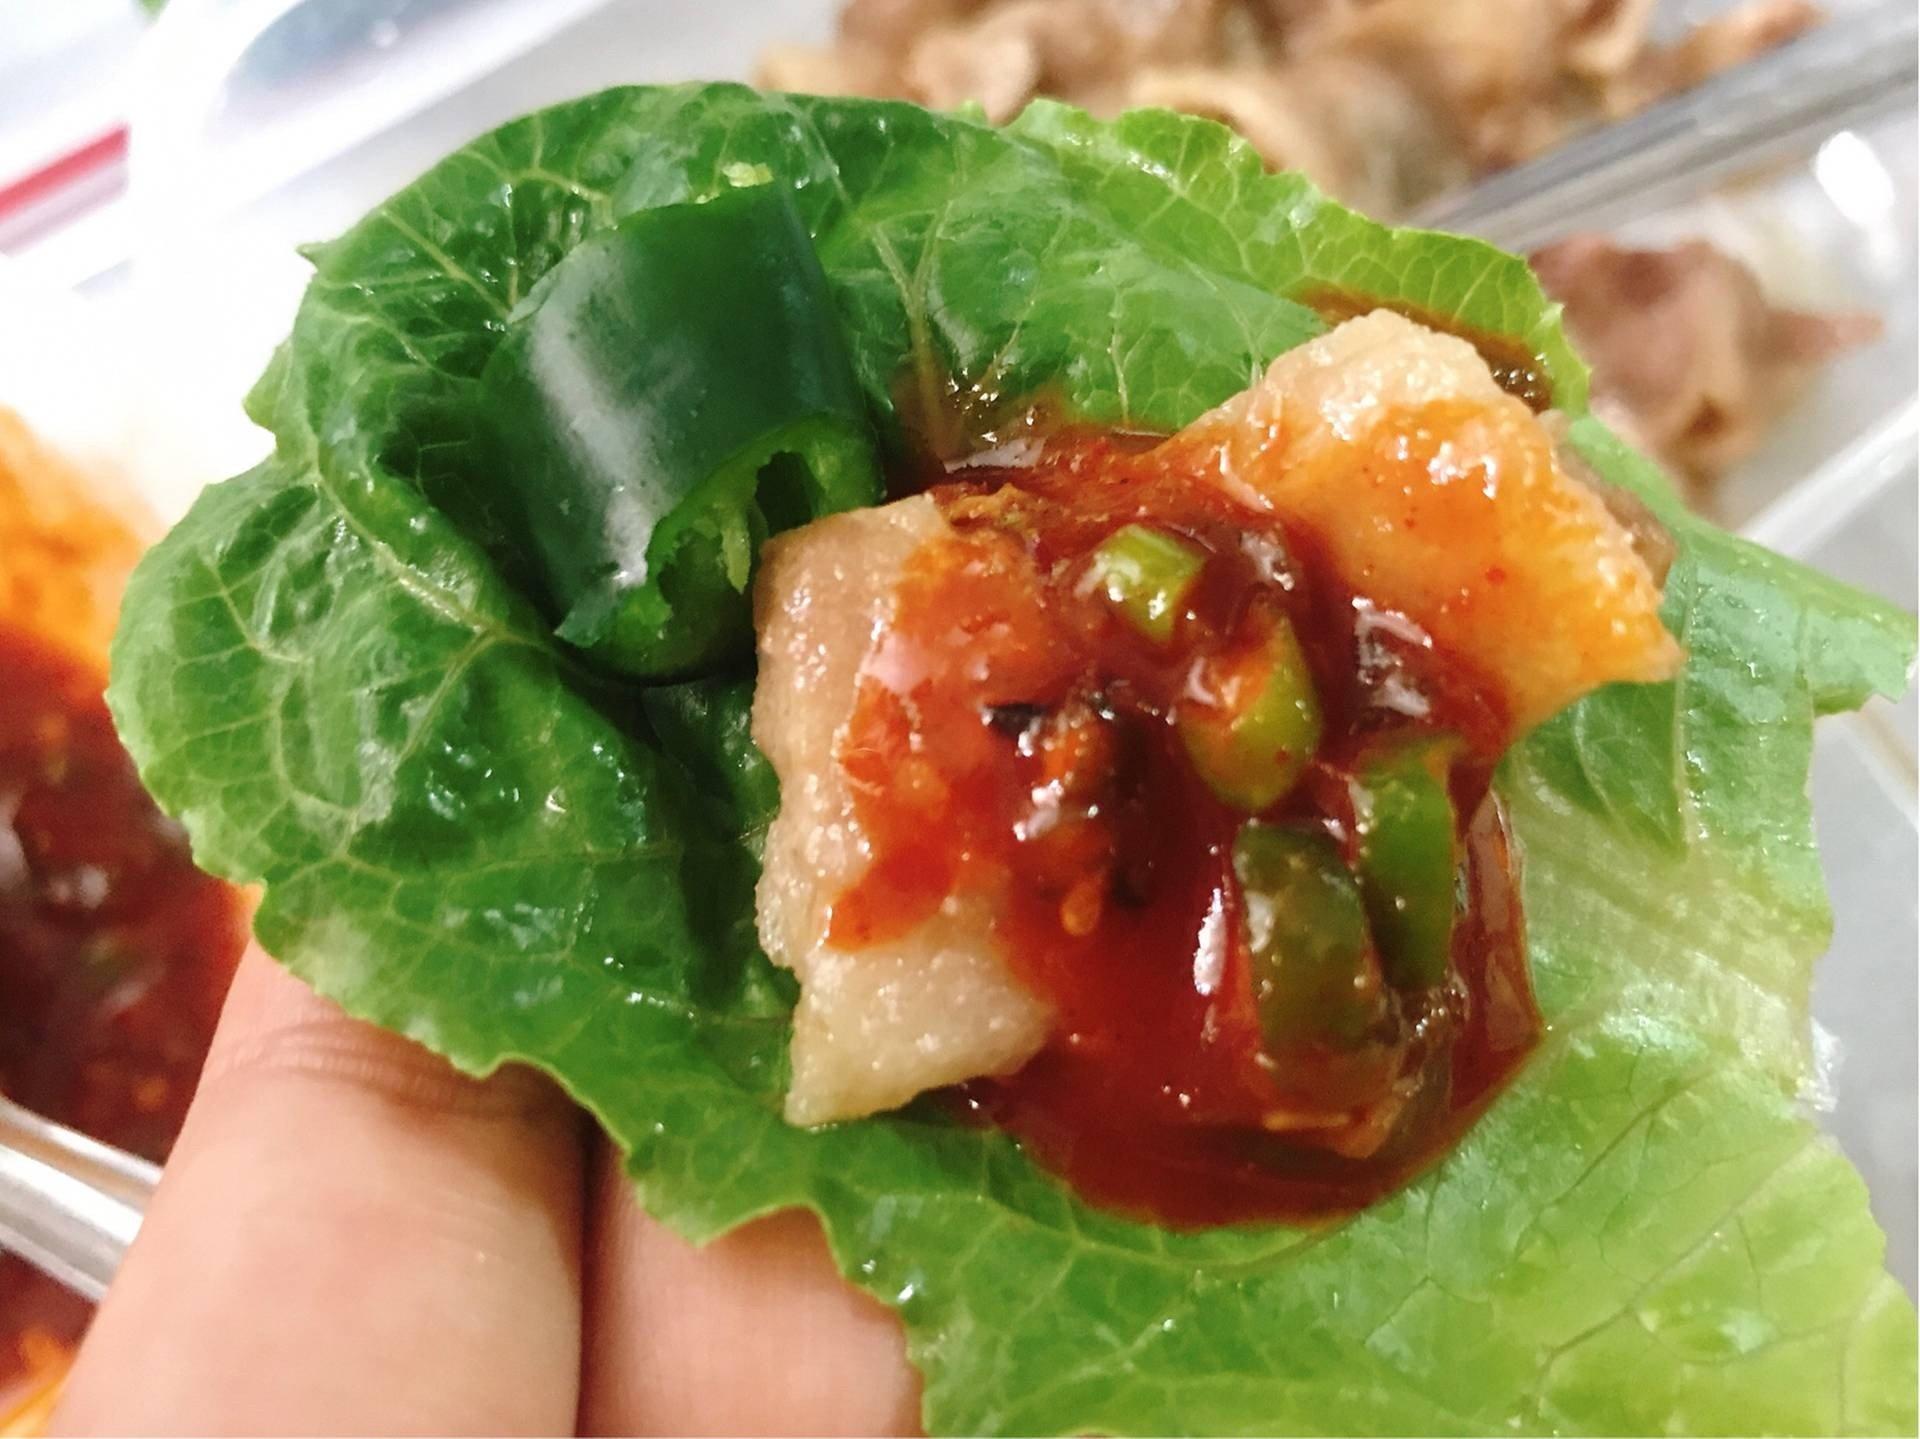 สูตร หมูตู้เกาหลี พร้อมวิธีทำโดย kateko - Wongnai Cooking